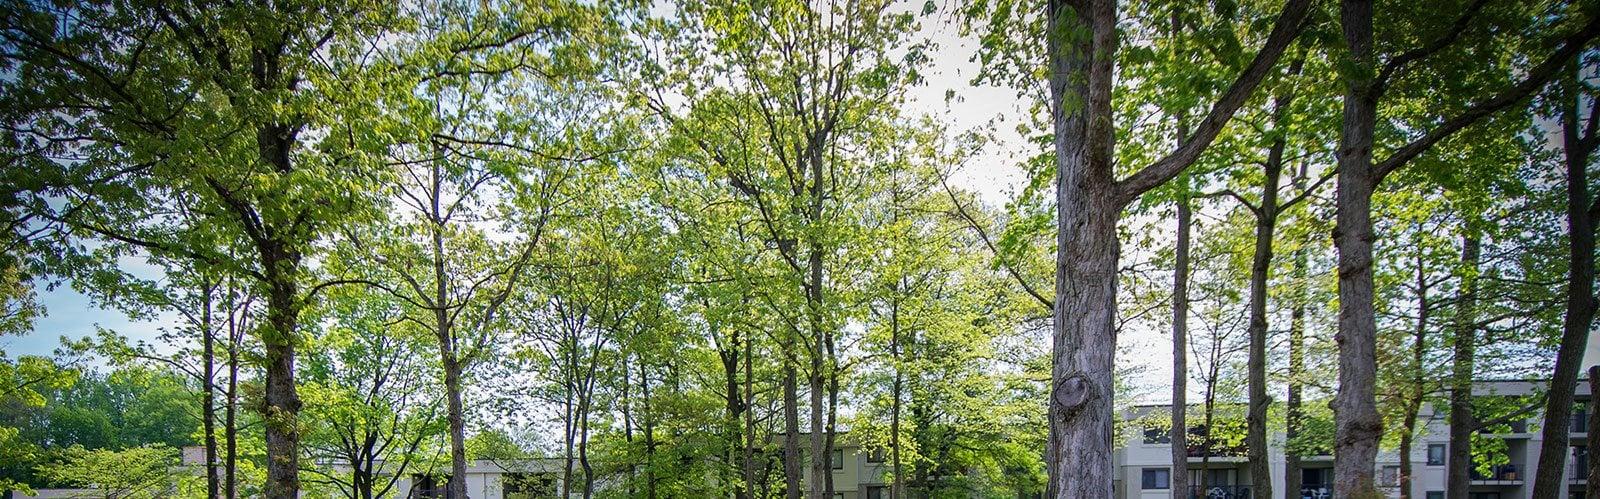 Ashley Apartments Tree Tops Photo